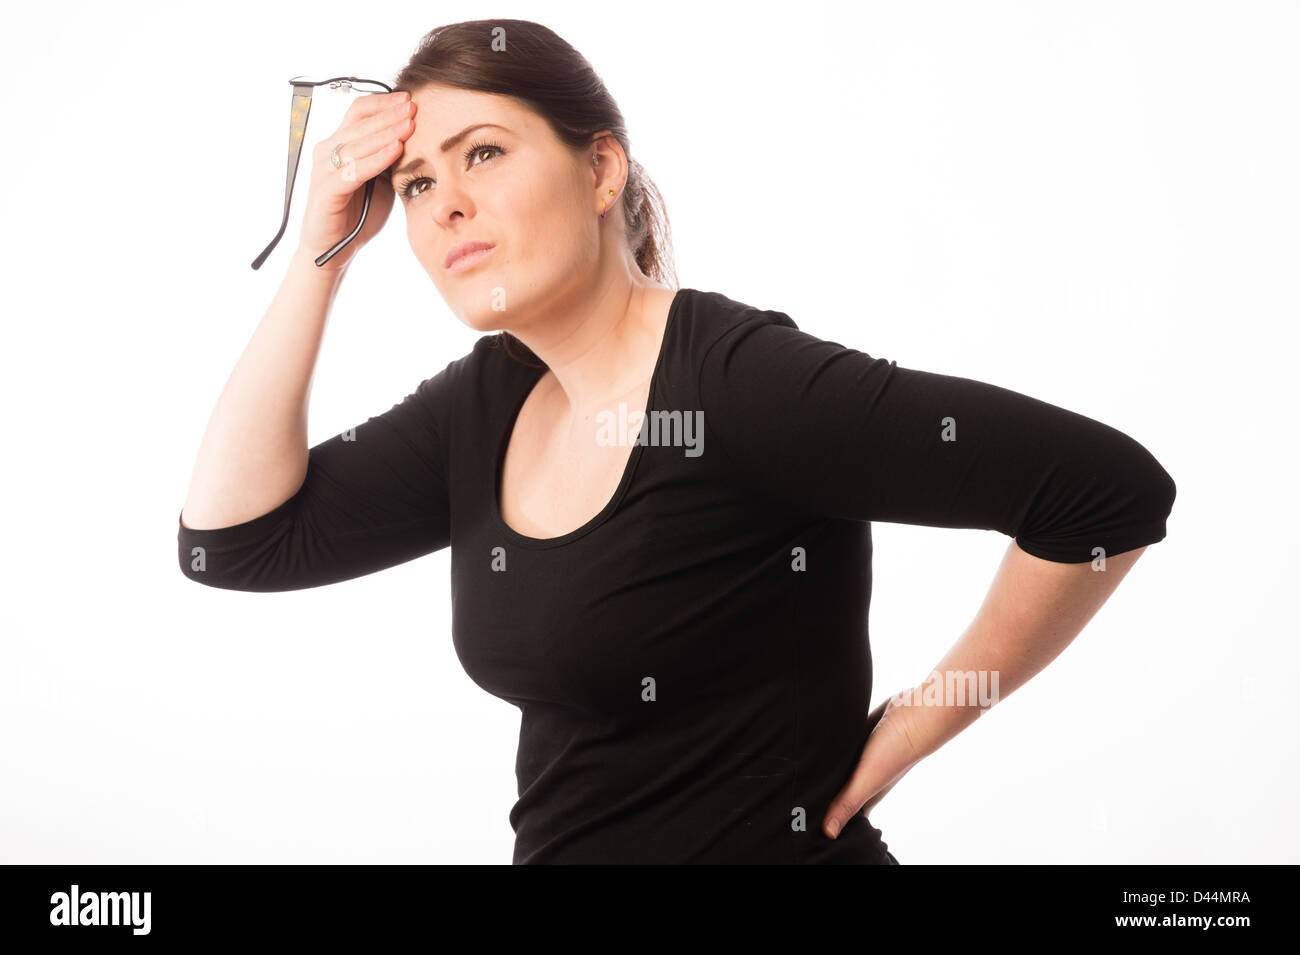 Una mujer joven, de cabello castaño, sufriendo de dolor de espalda, el estrés la tensión preocupe Imagen De Stock